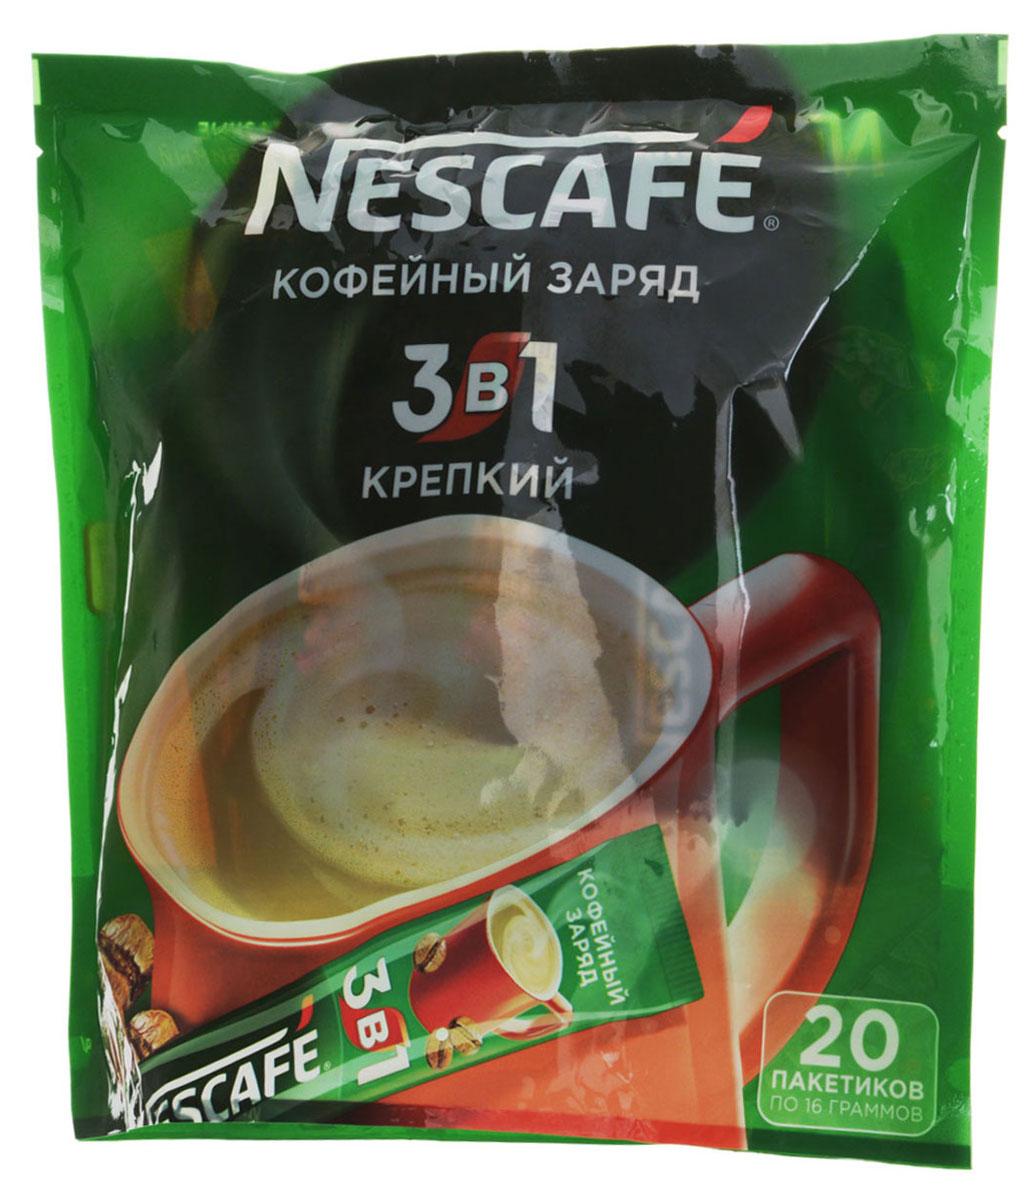 Nescafe 3 в 1 Крепкий кофе растворимый, 20 шт